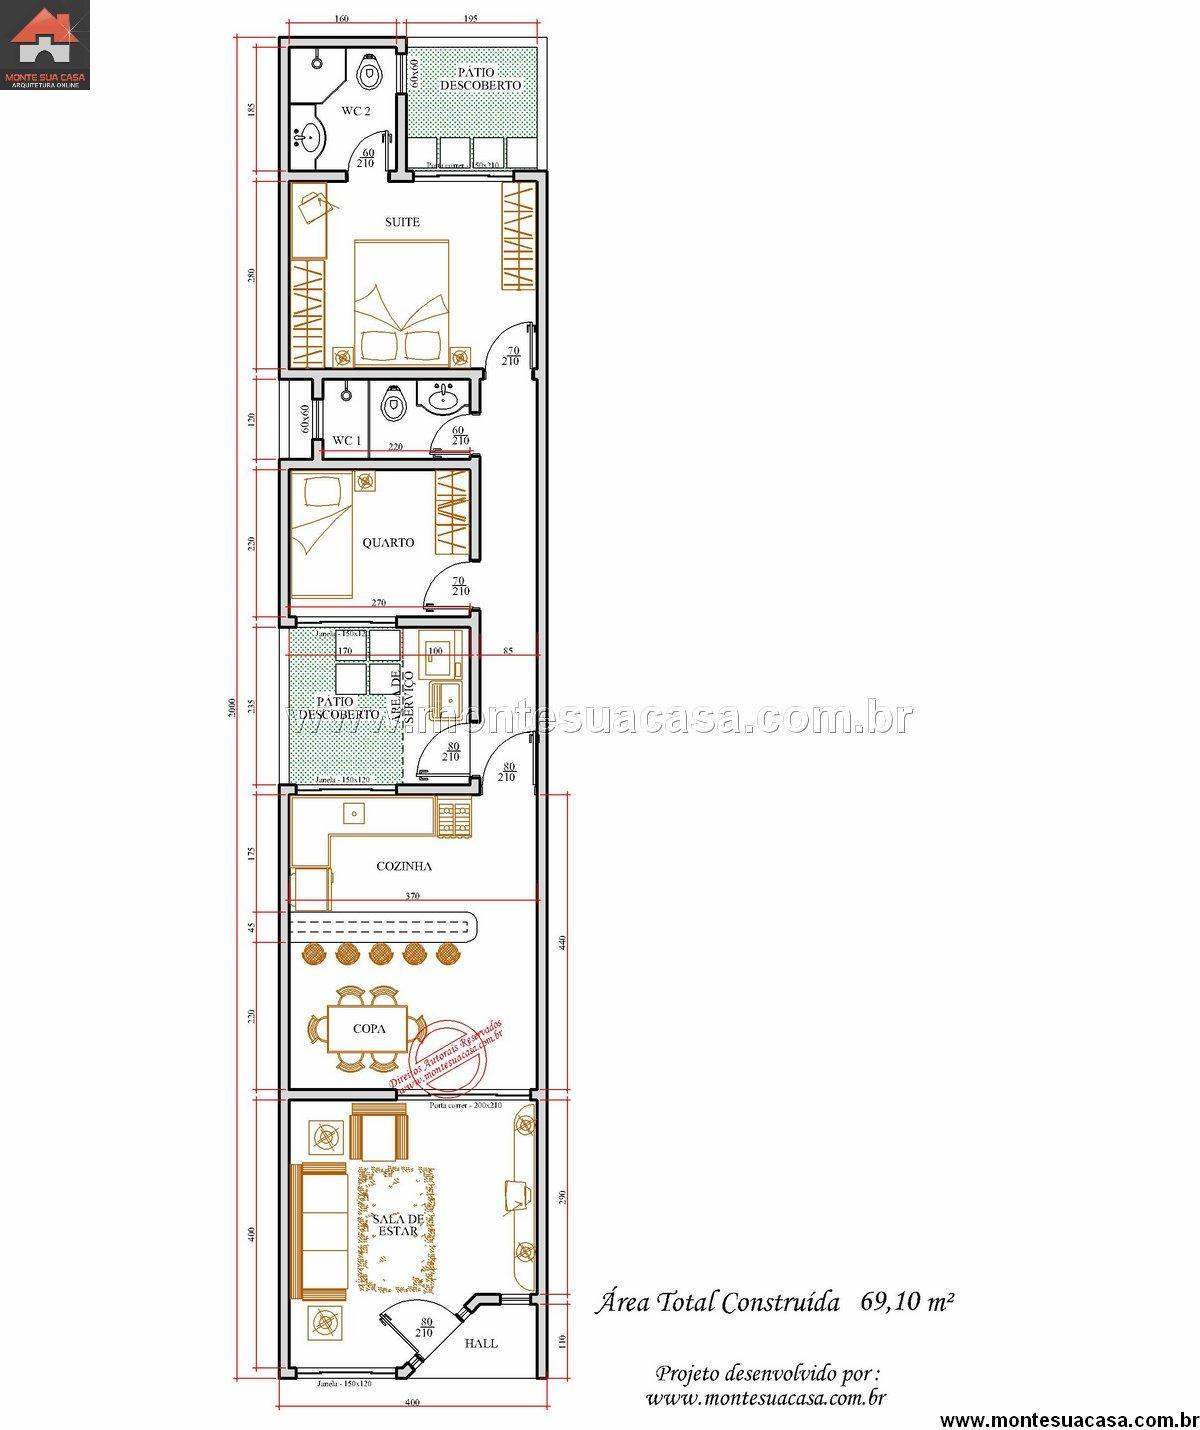 Casa 1 Quartos - 69.1m²